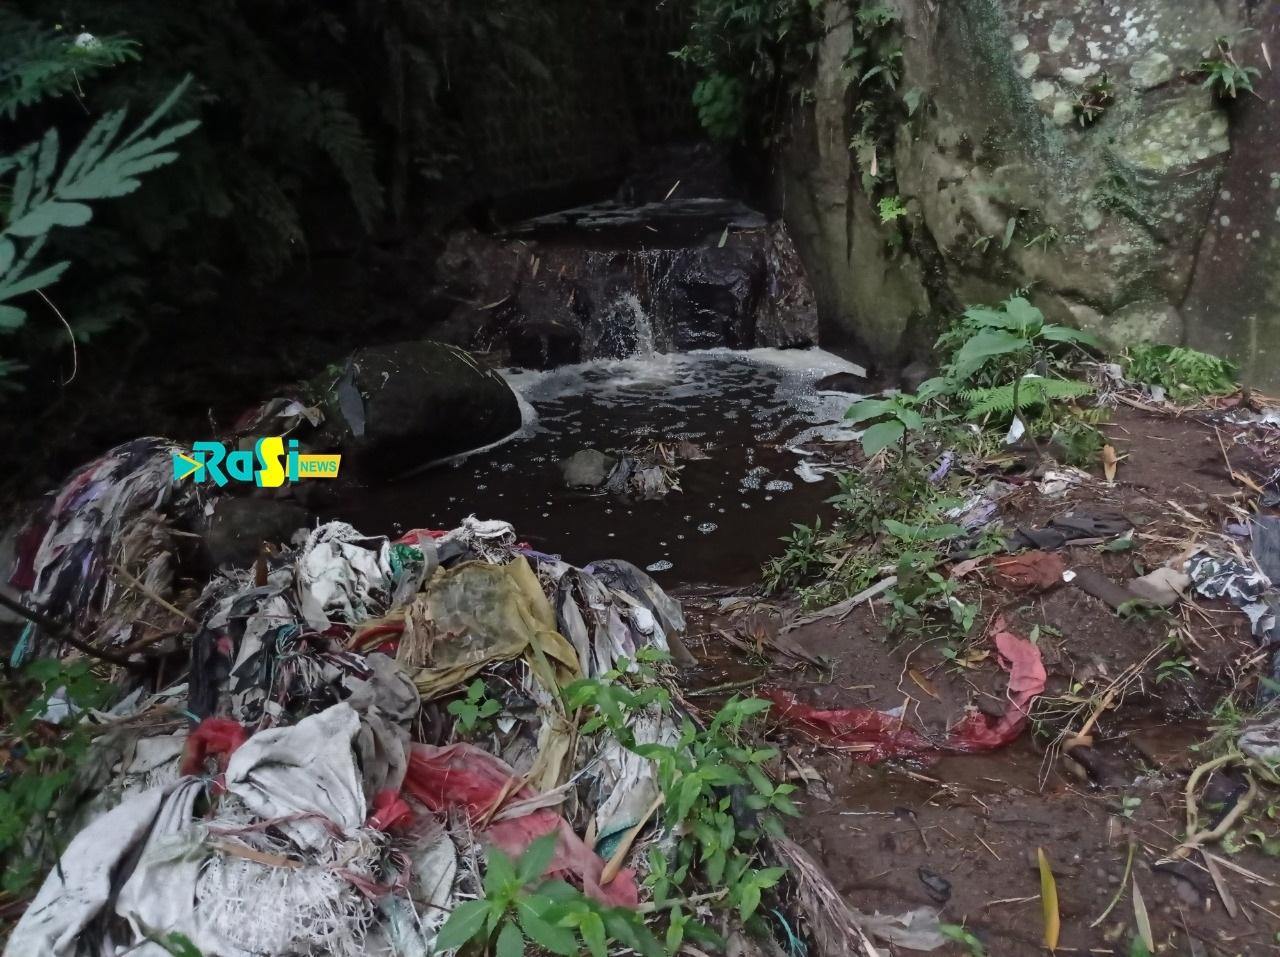 Ini Tanggapan Pemerintah Daerah Soal Sungai Tercemar Limbah Kotoran Sapi dan Plastik di Desa Pacalan.